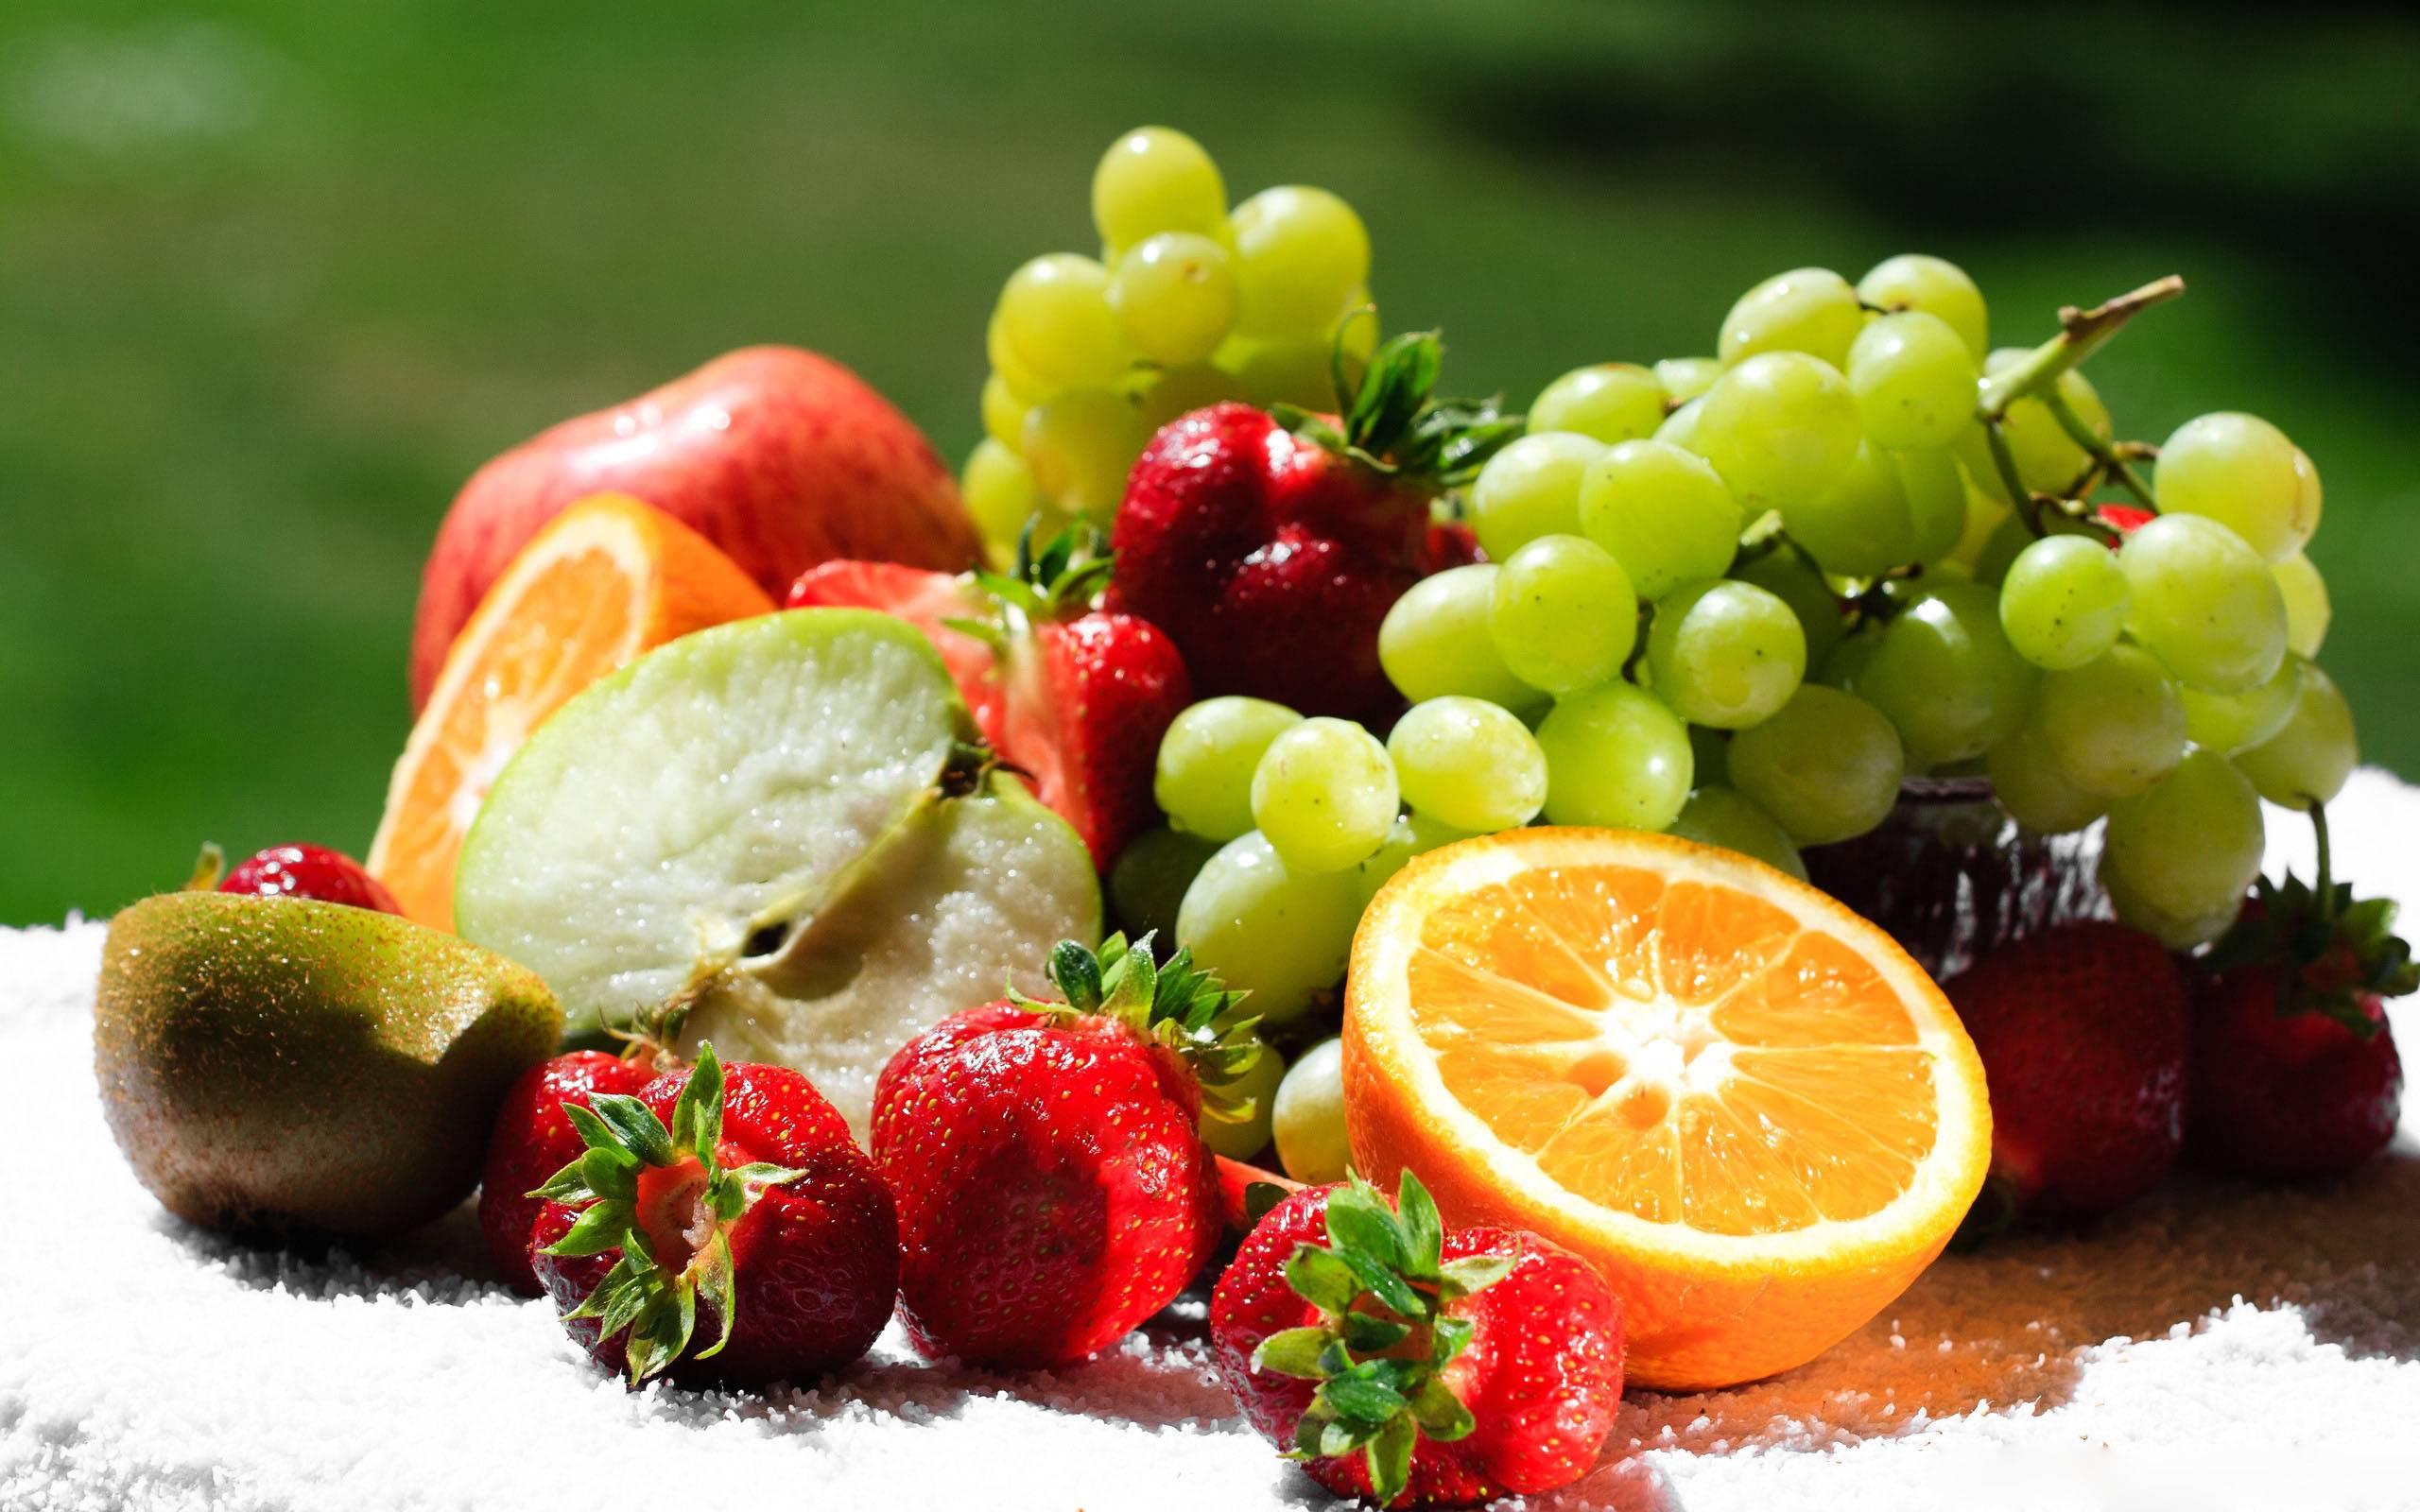 Картинка: Фрукты, витамины, виноград, лоза, гроздь, ягоды, клубника, апельсин, киви, яблоко, половинка